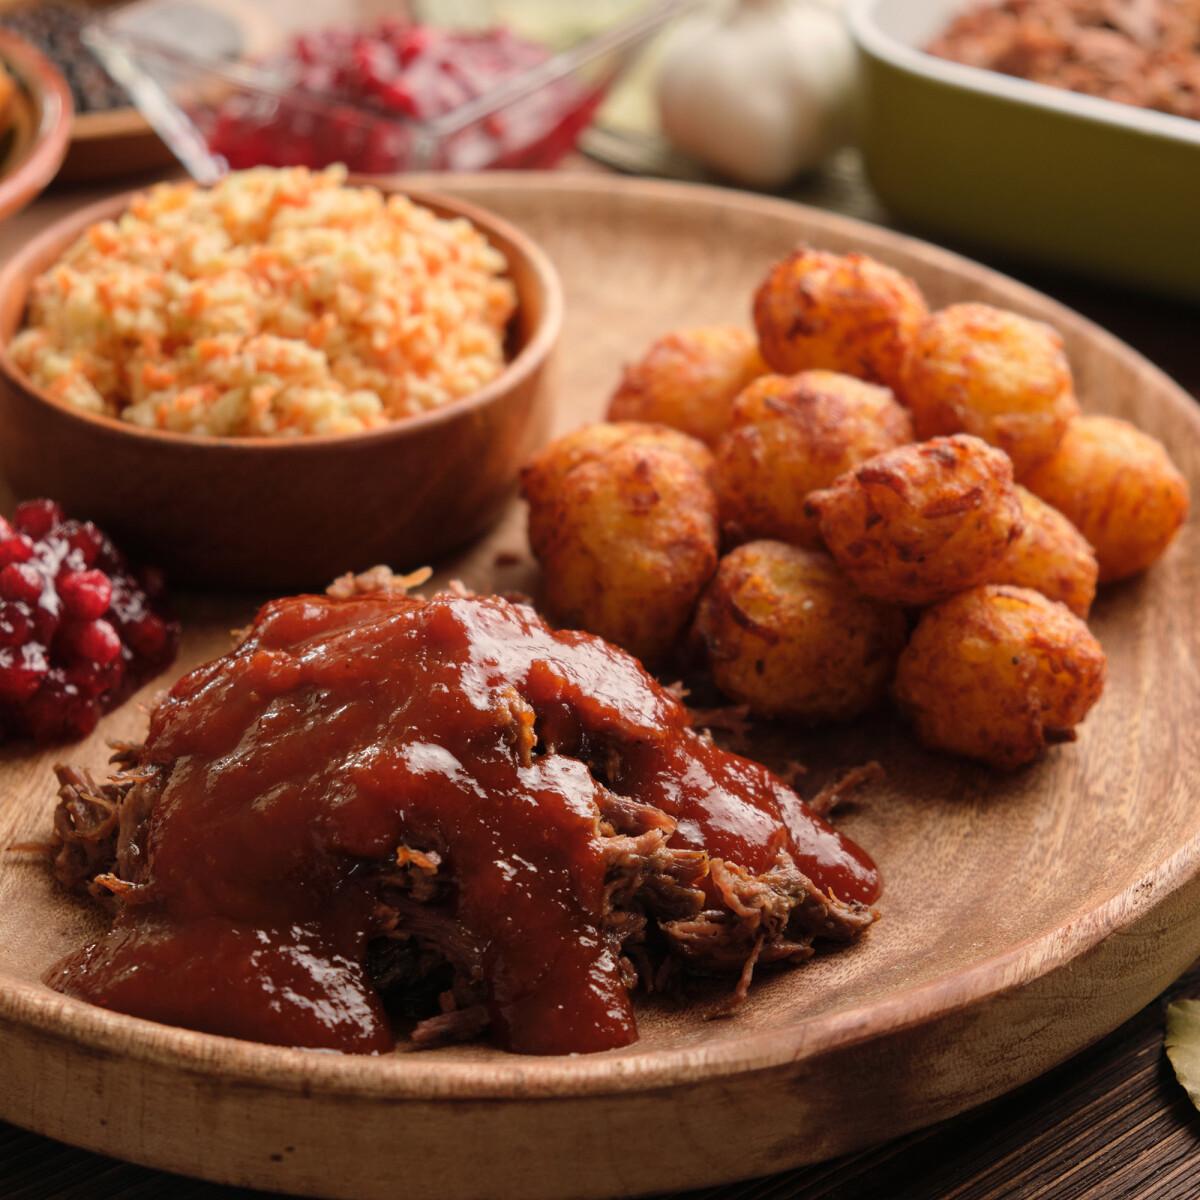 Ezen a képen: Konfitált szarvascomb vörösáfonyás BBQ-szósszal